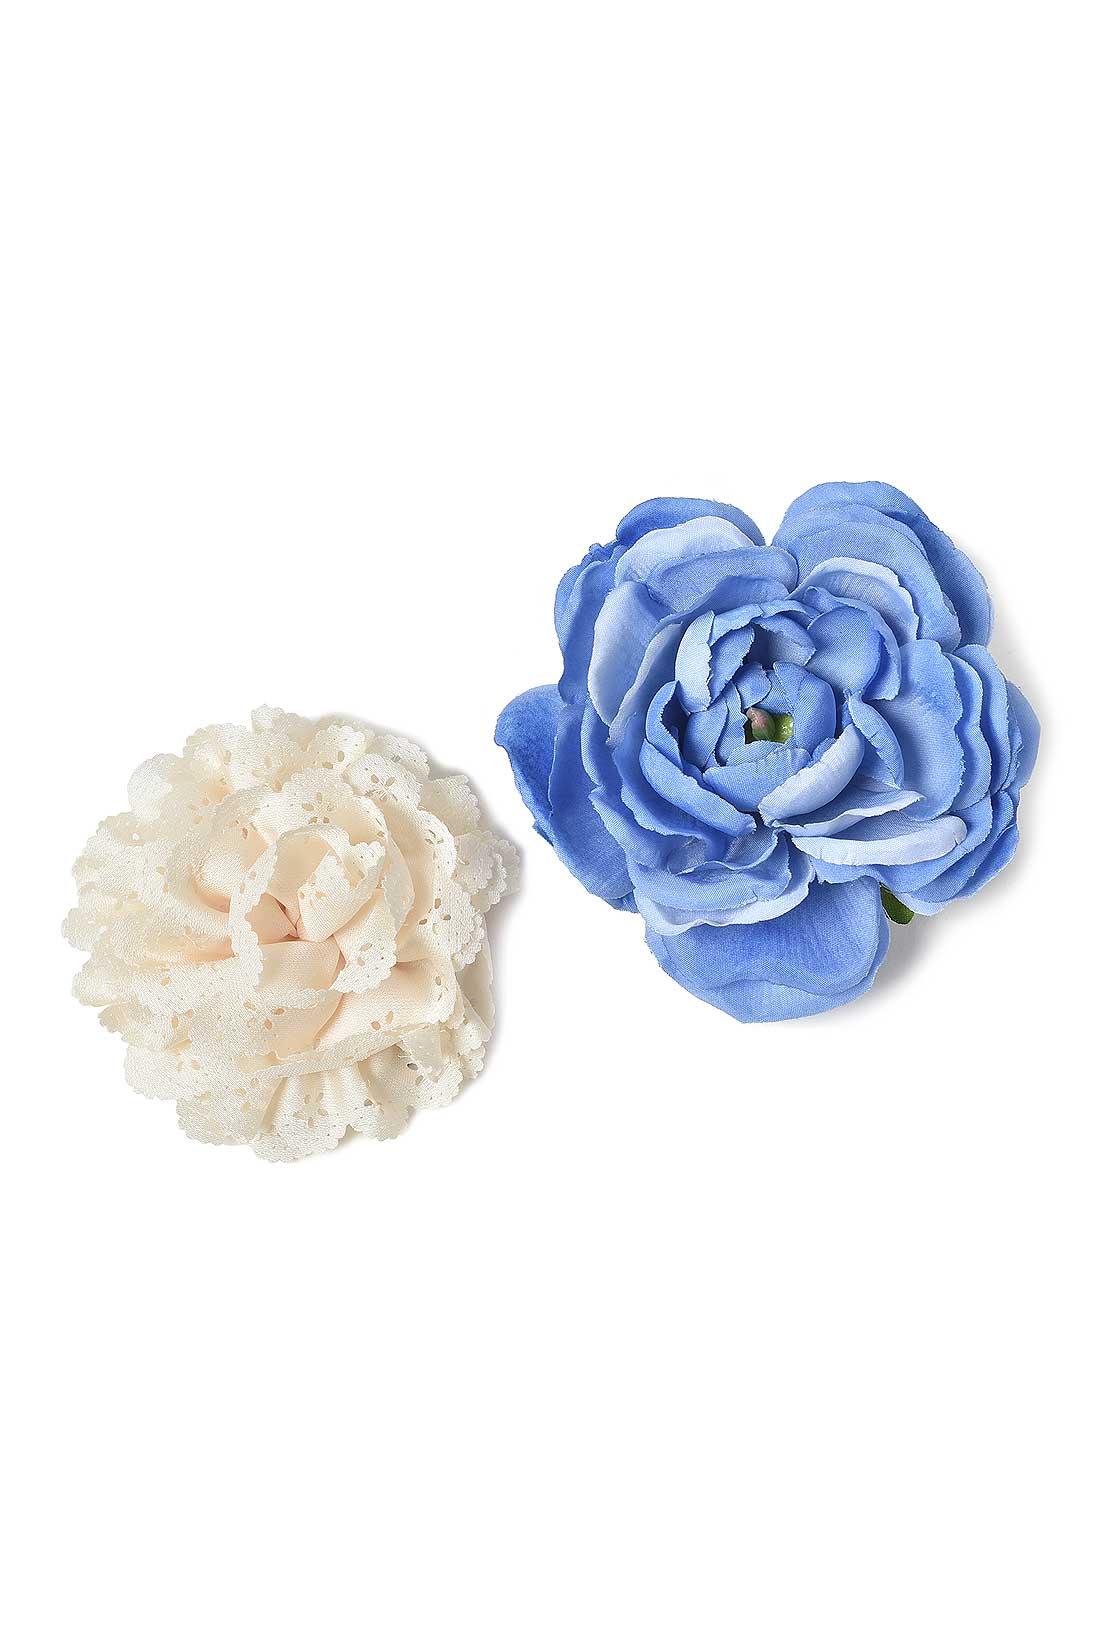 雰囲気の異なるふたつのお花をセットでお届け。